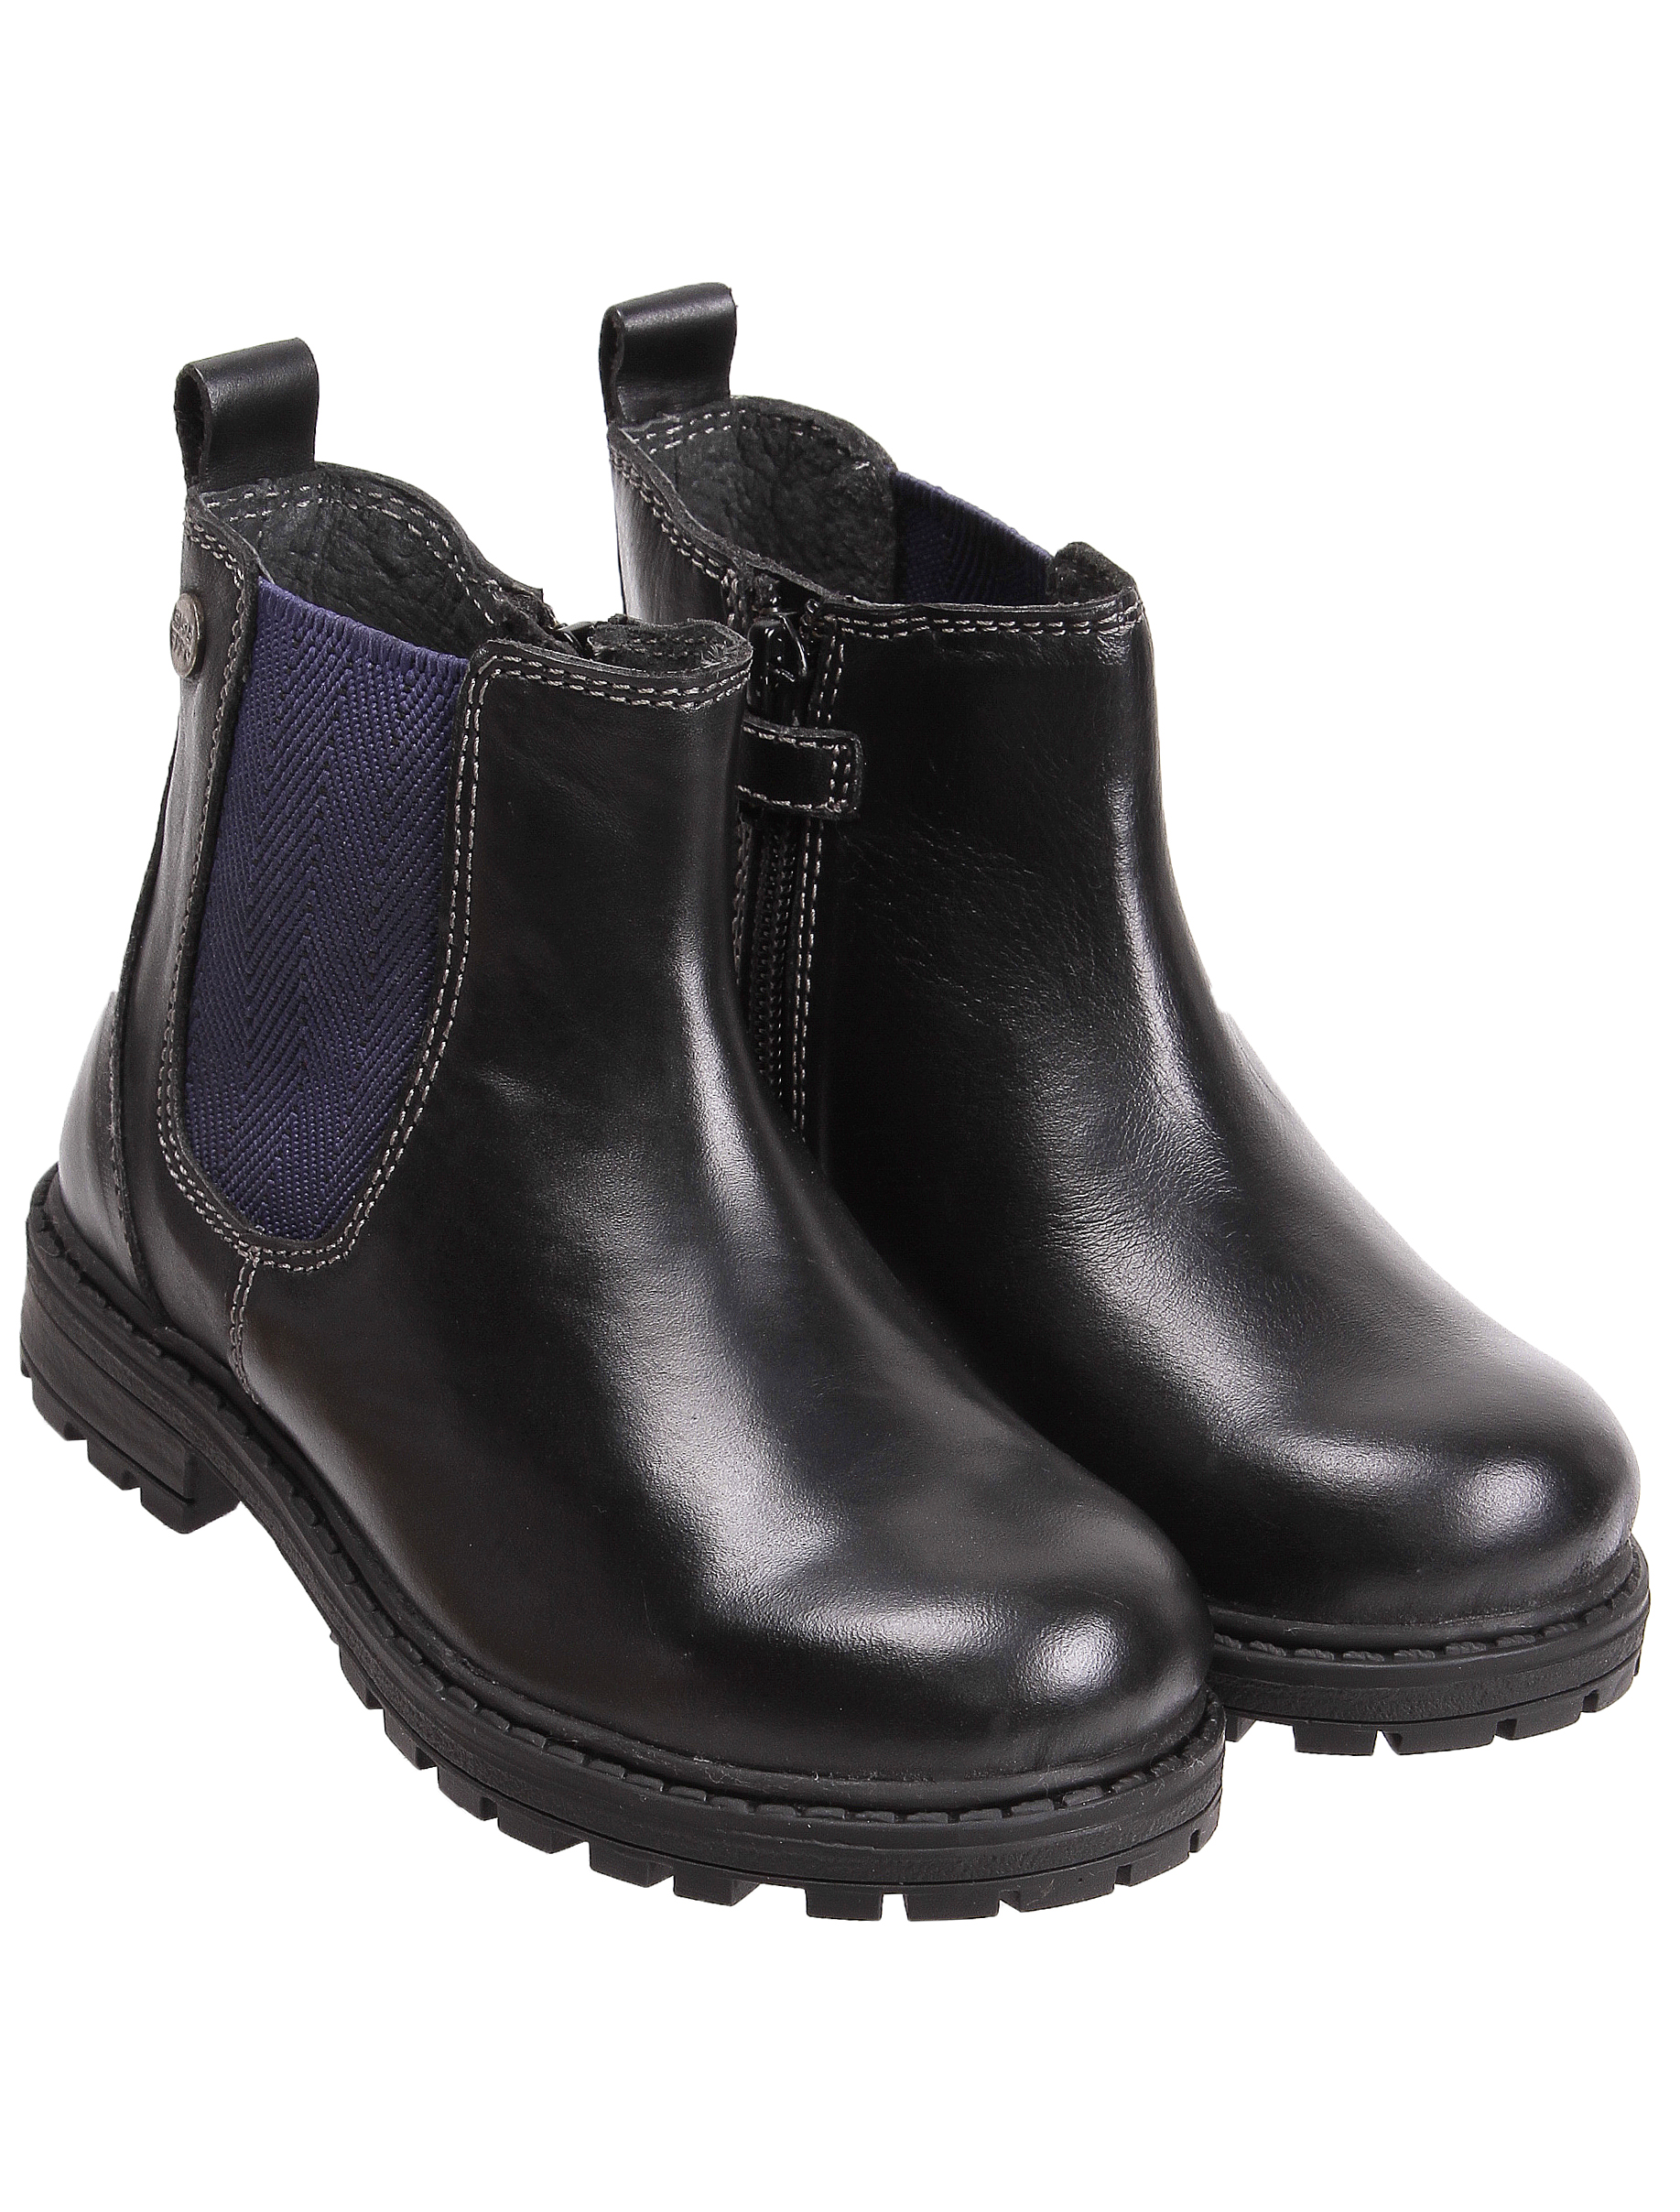 1916837, Ботинки GIOSEPPO, черный, Мужской, 2031119880878  - купить со скидкой